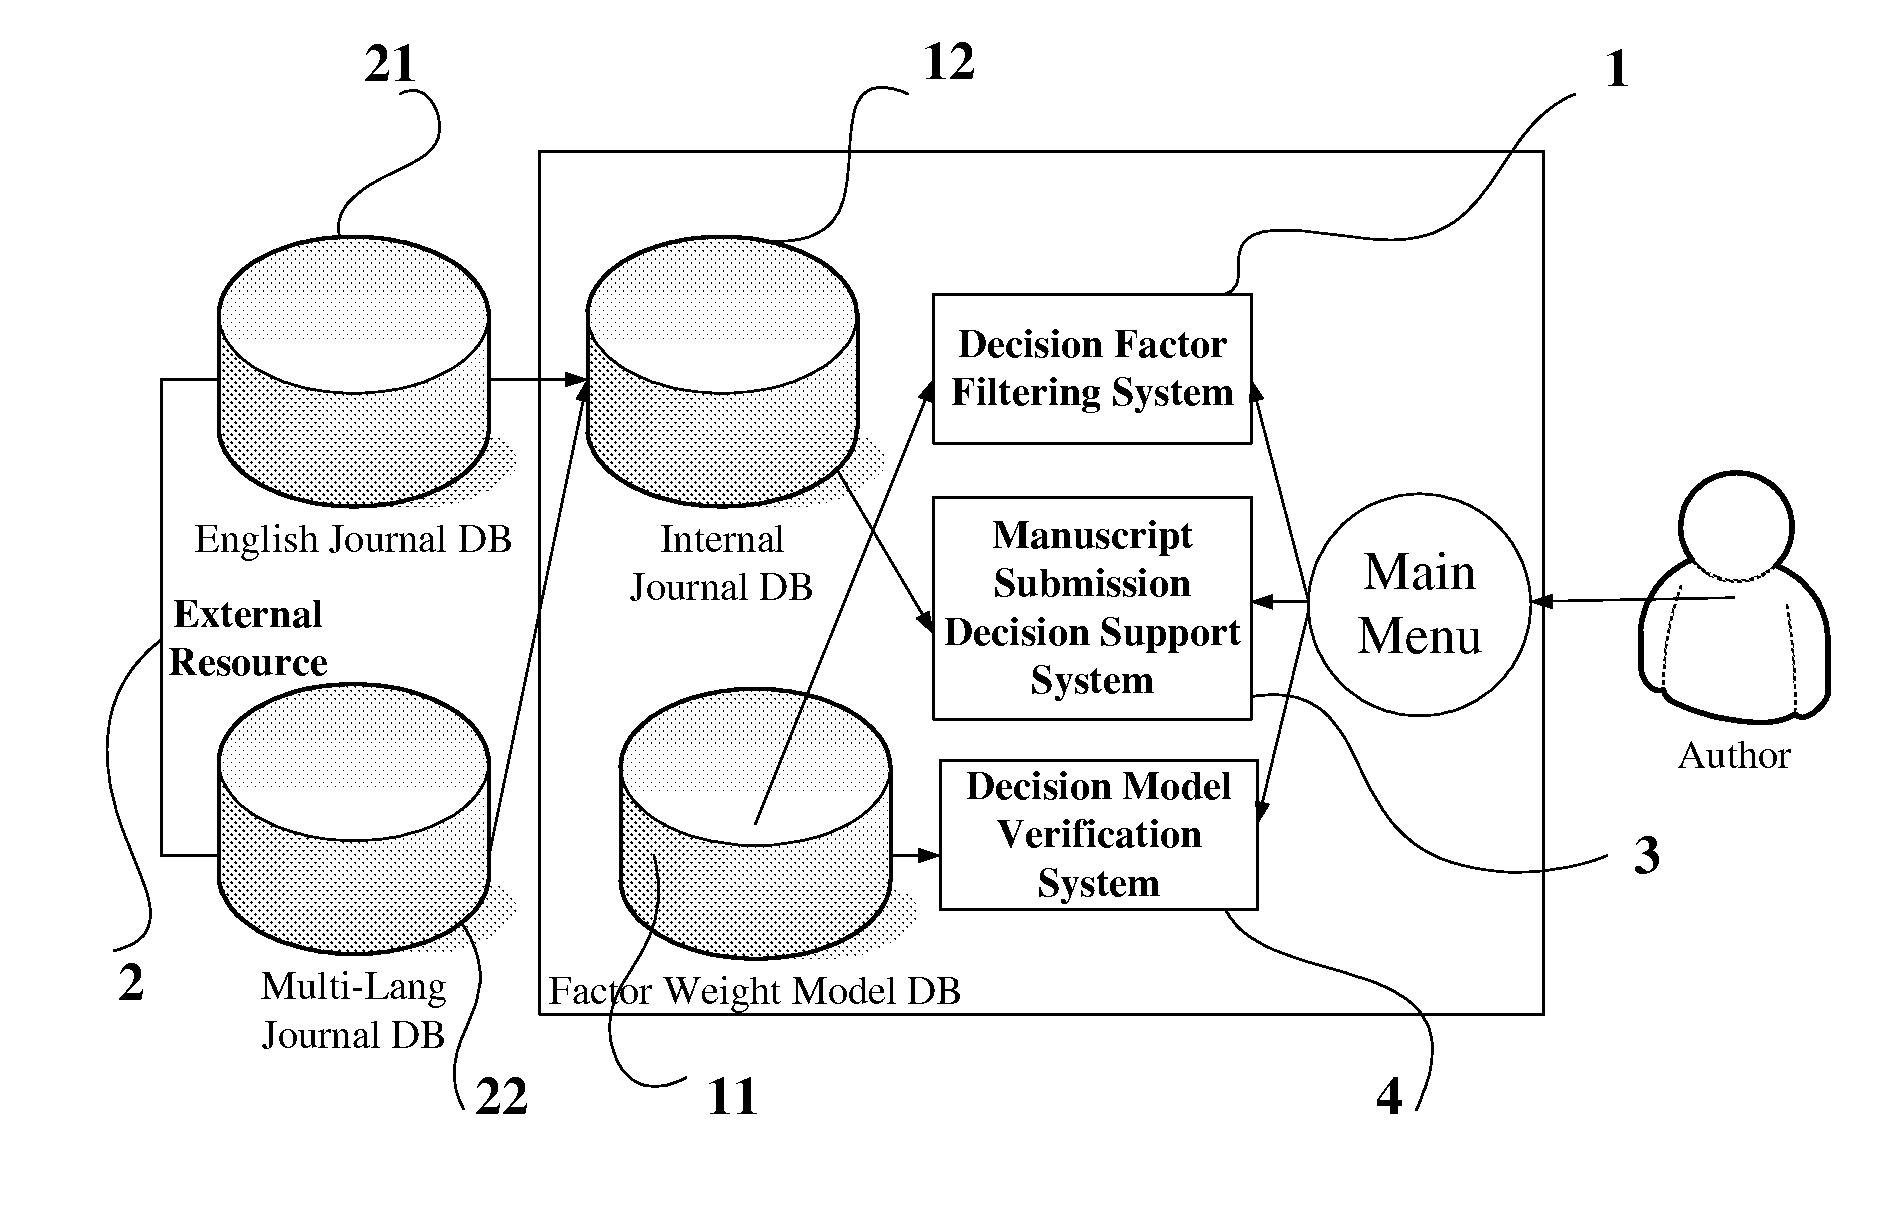 US20100106669A1 - Journal Manuscript Submission Decision